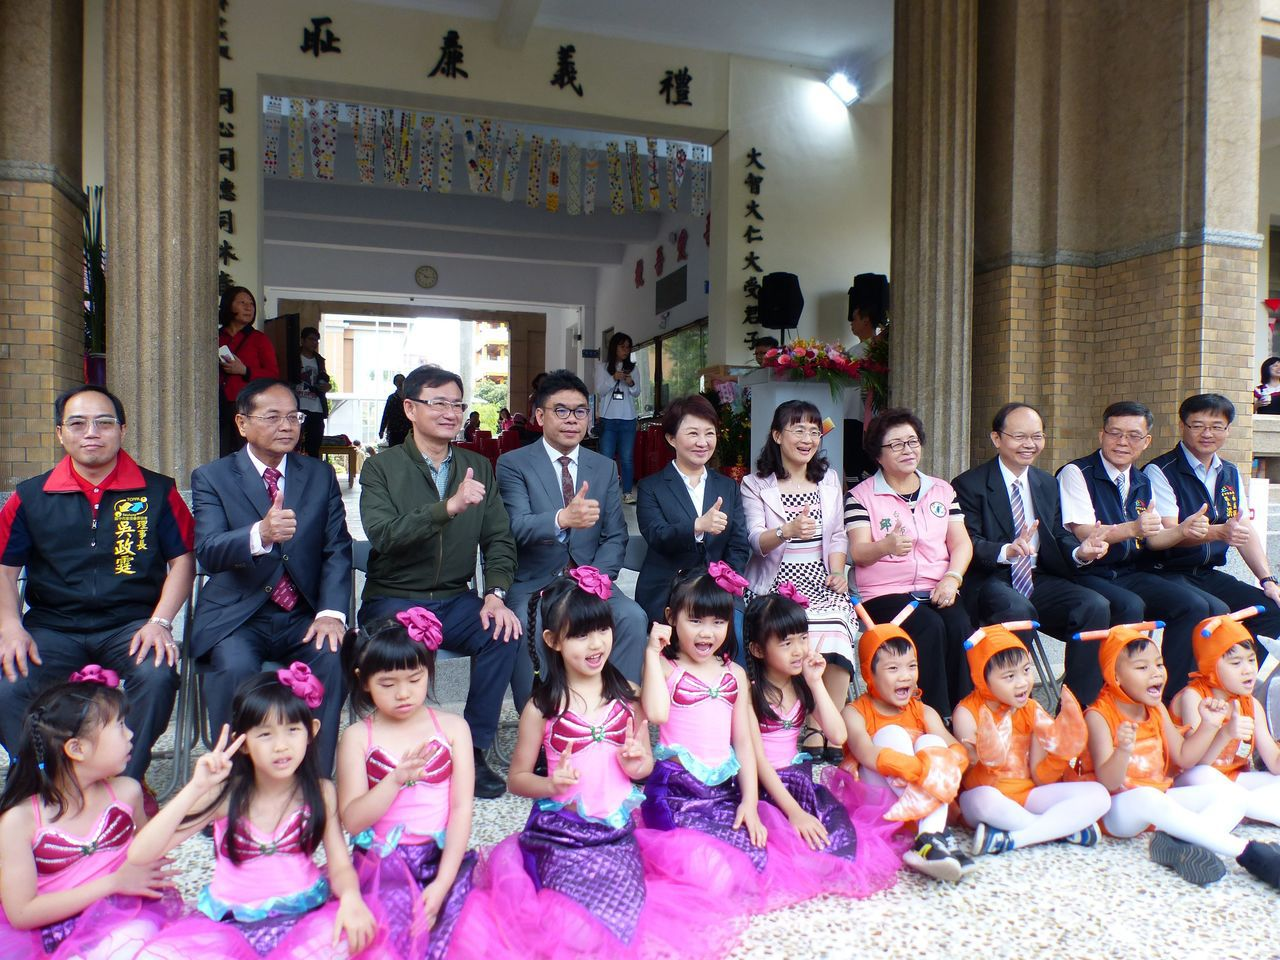 台中市長盧秀燕(左五)今參與台中市西區大同國小120周年校慶,並且為校史館揭幕。...